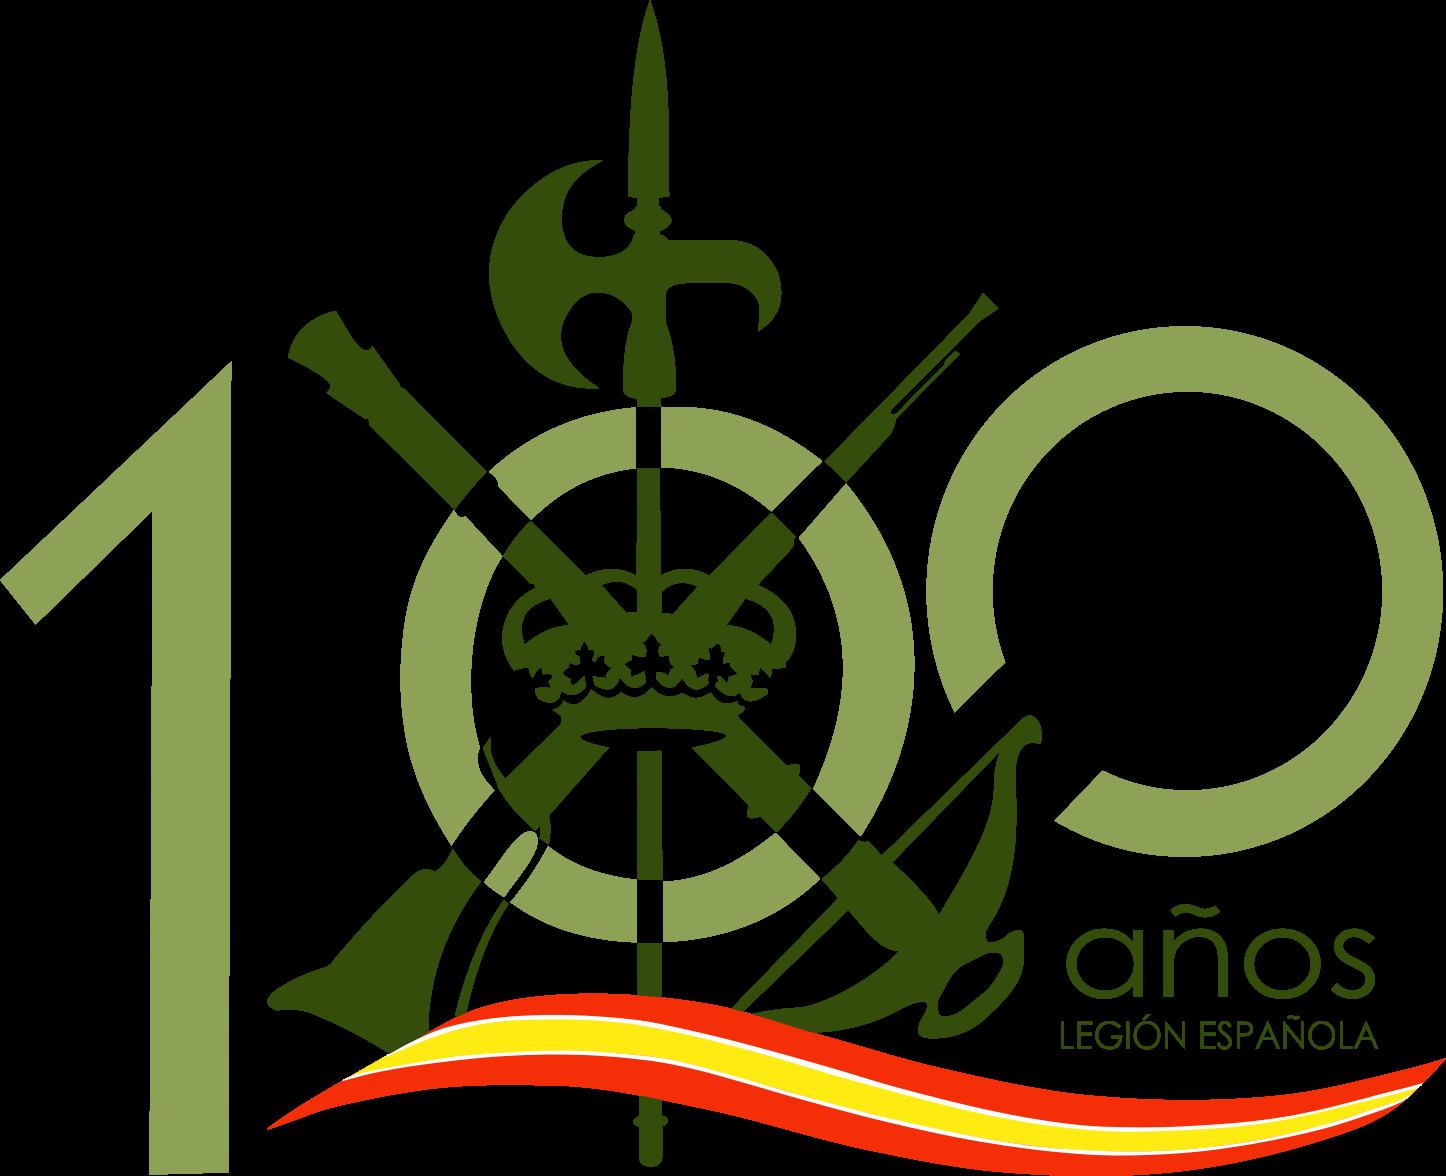 Logo centenario